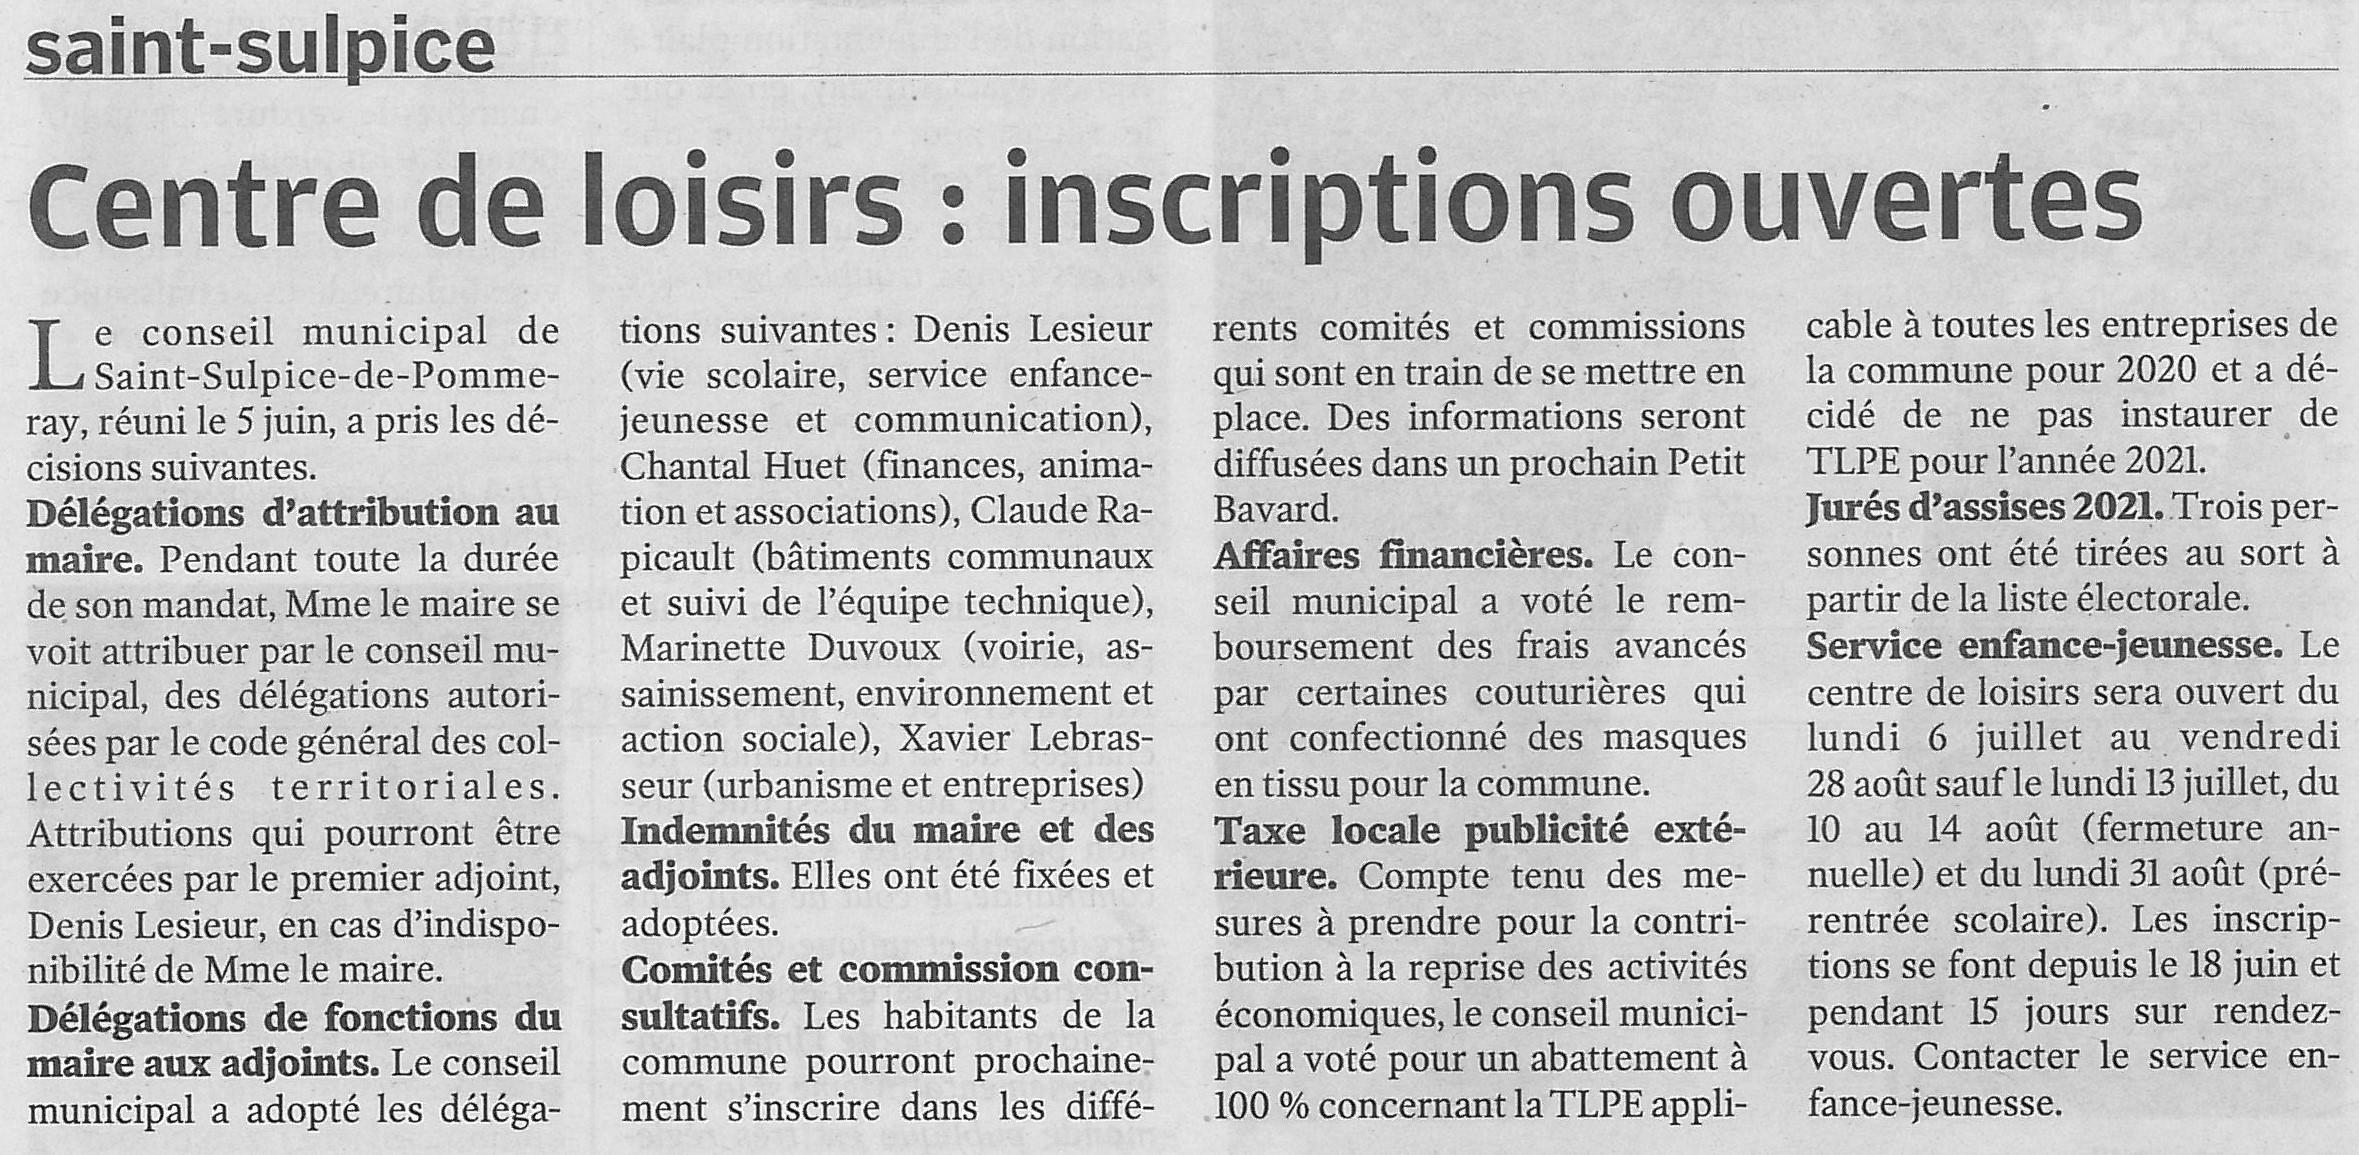 Article NR du 23/06/2020